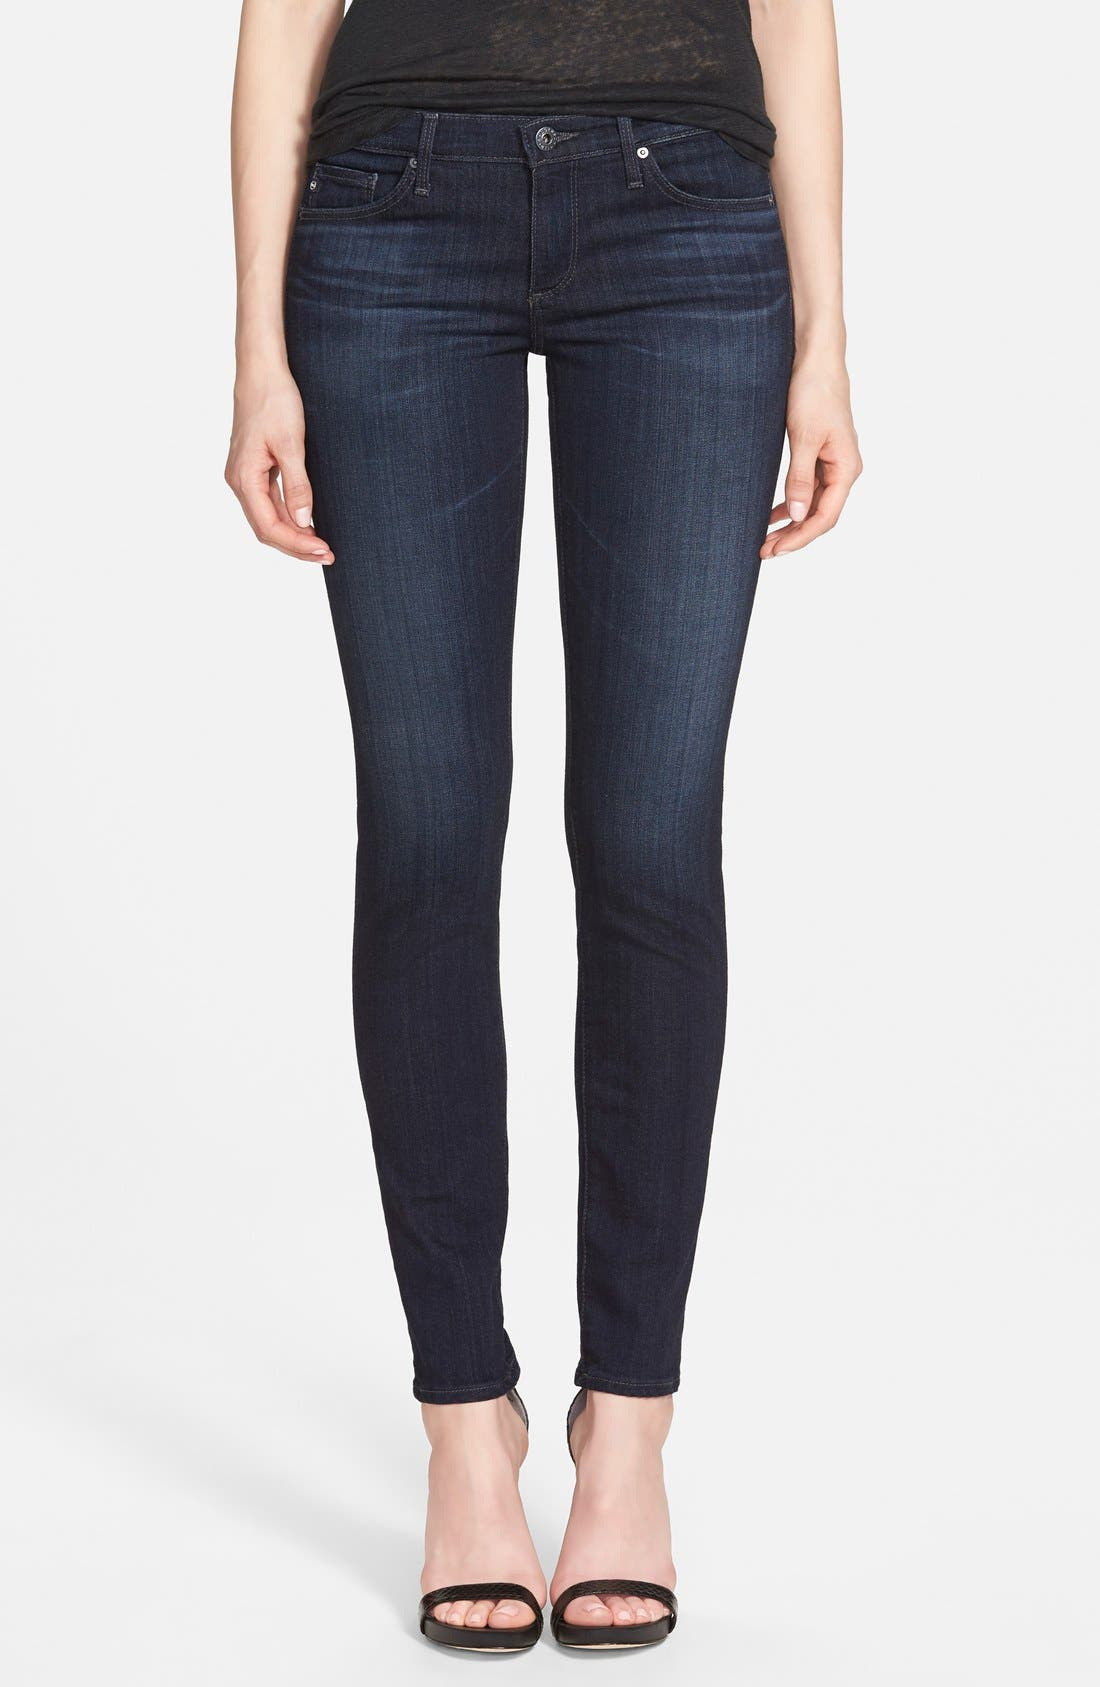 Alternate Image 1 Selected - AG 'The Stilt' Cigarette Skinny Jeans (Brooks)